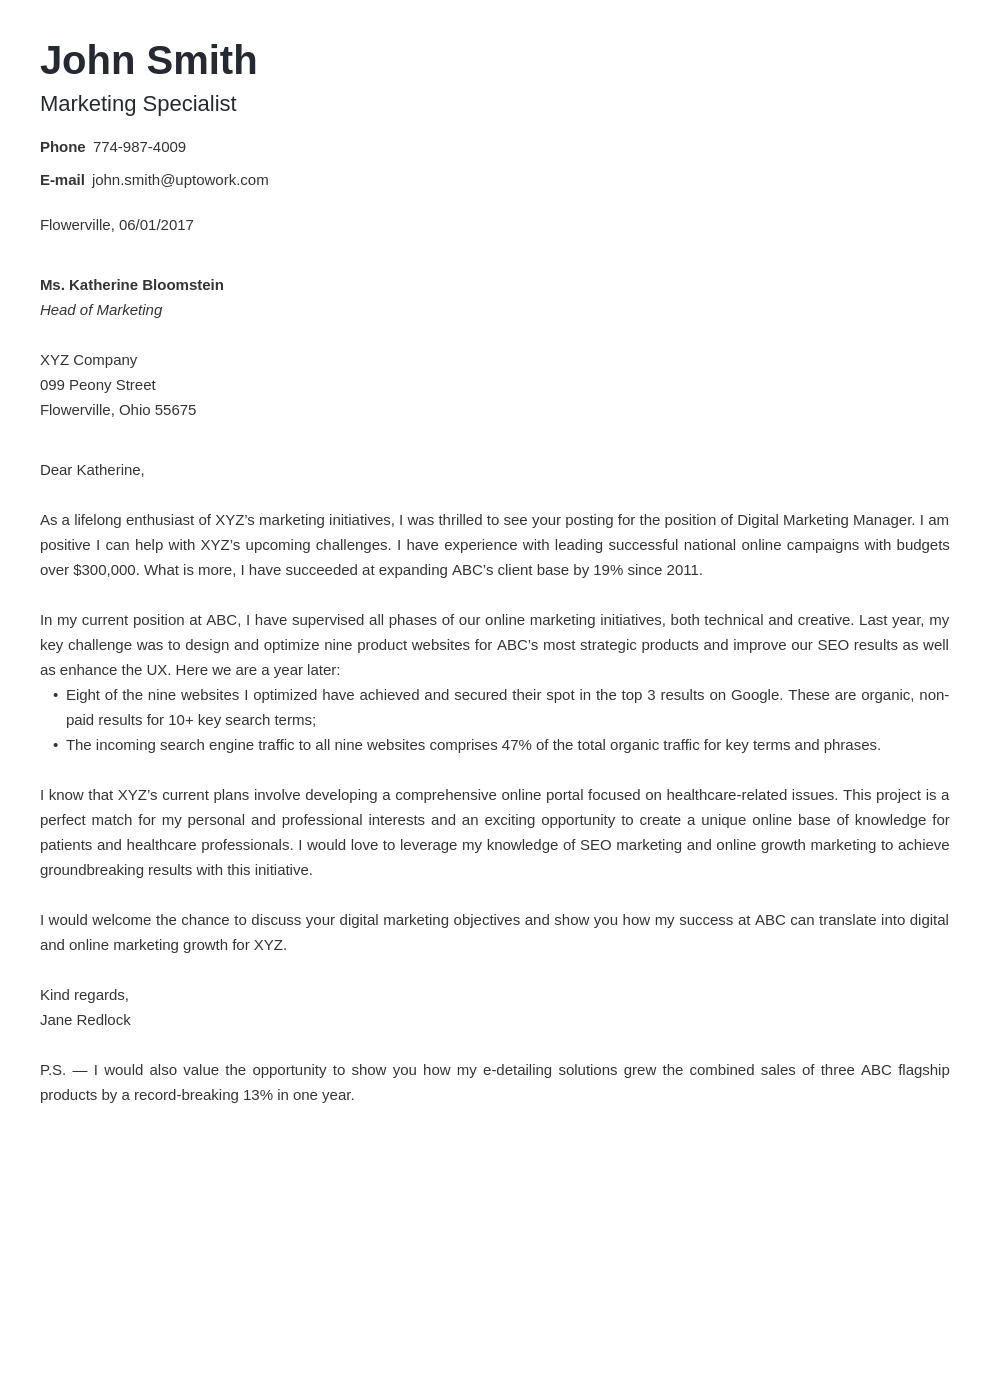 Modèle de lettre de motivation professionnel Nanica